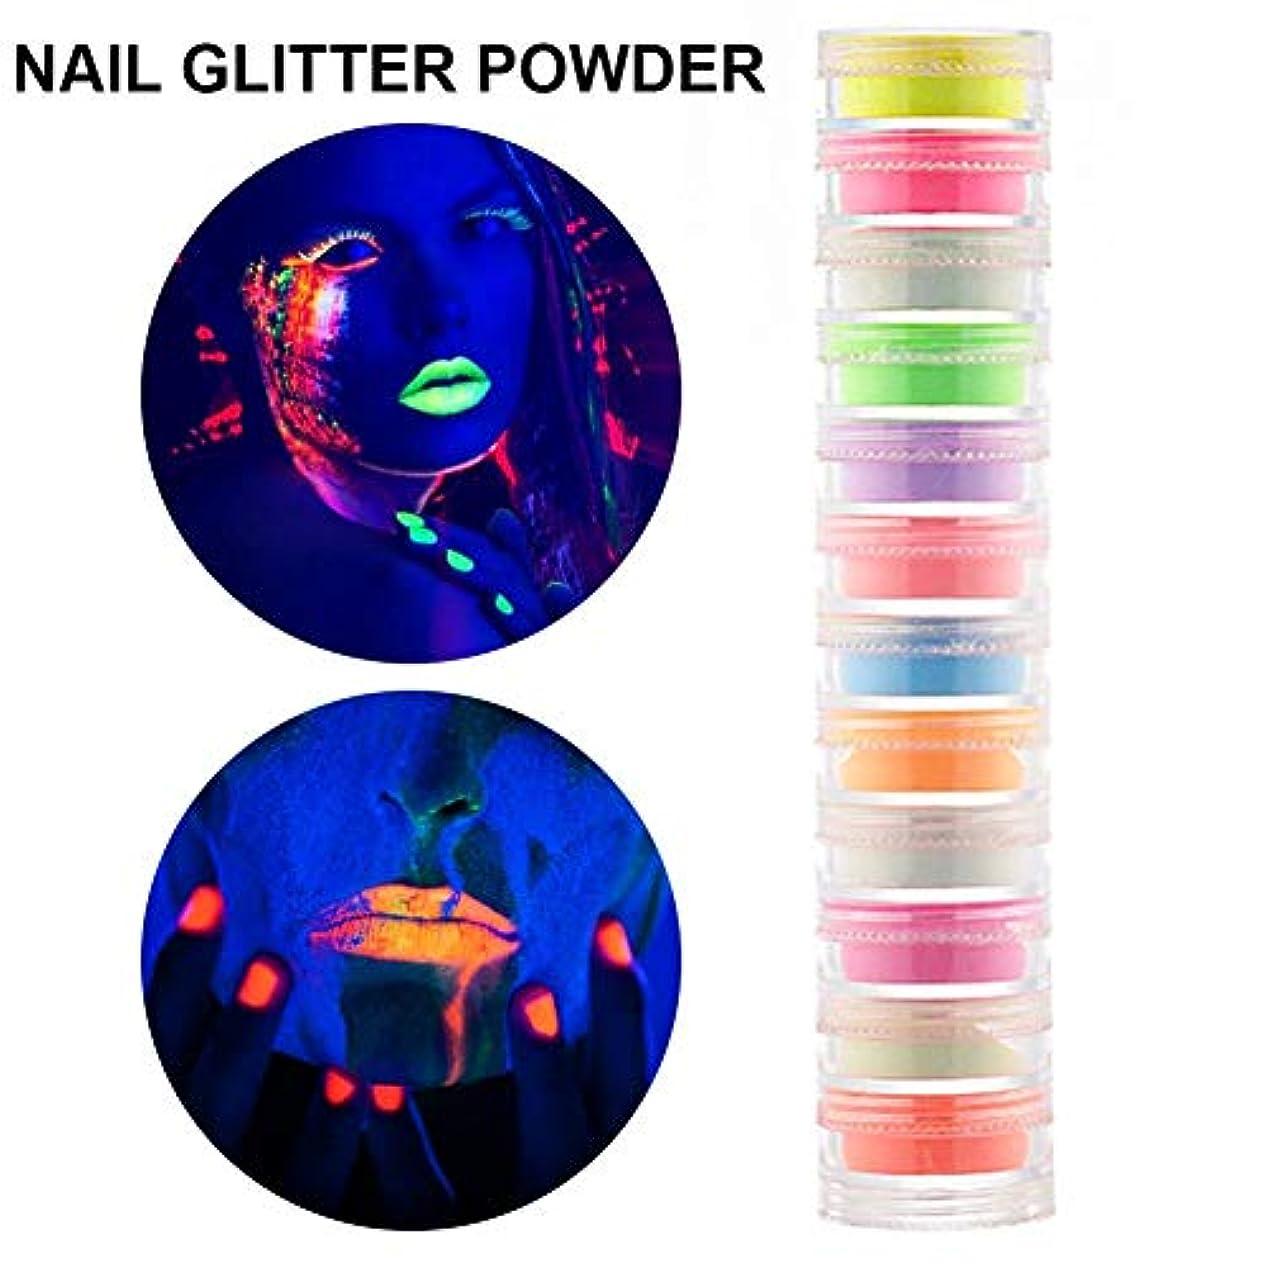 成人期原告従事したネイル蛍光パウダー グリッター ラメ 12本セット ネイルアート 大人気 夜光パウダー ネイルグリッターパウダー 環境にやさしい ハロウィン用